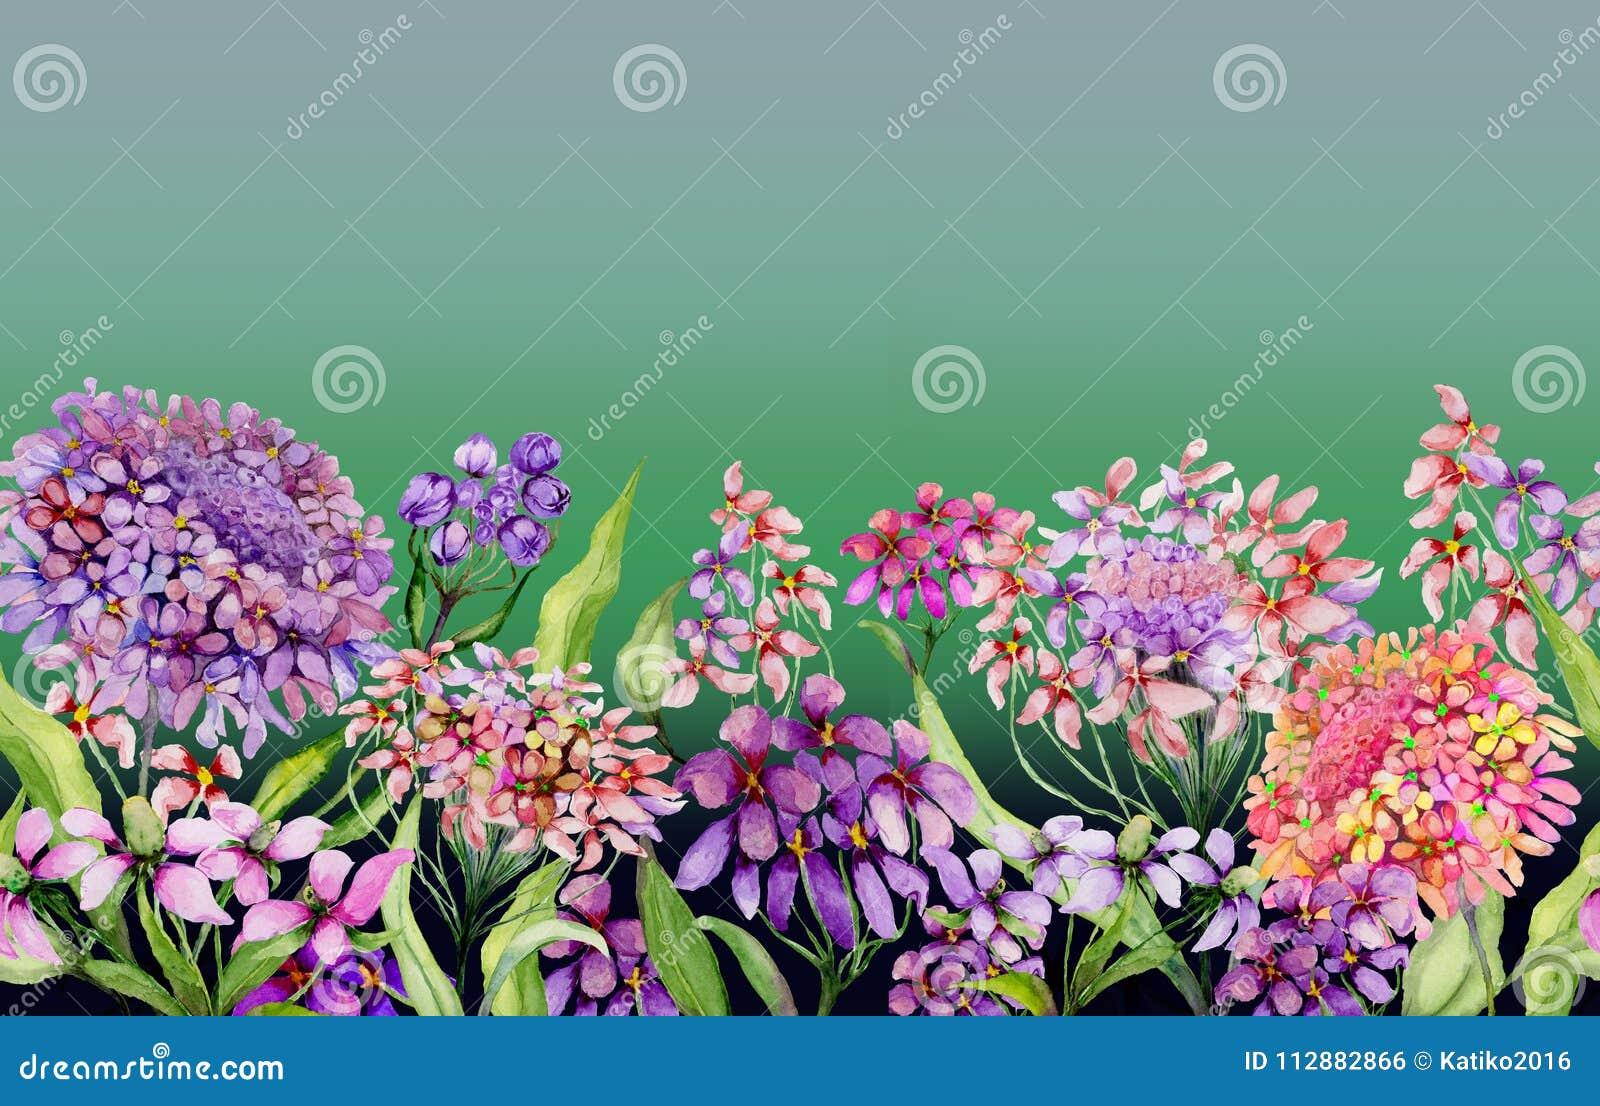 五颜六色的夏天宽横幅 生动的屈曲花属植物开花与在梯度绿色背景的绿色叶子 水平的模板